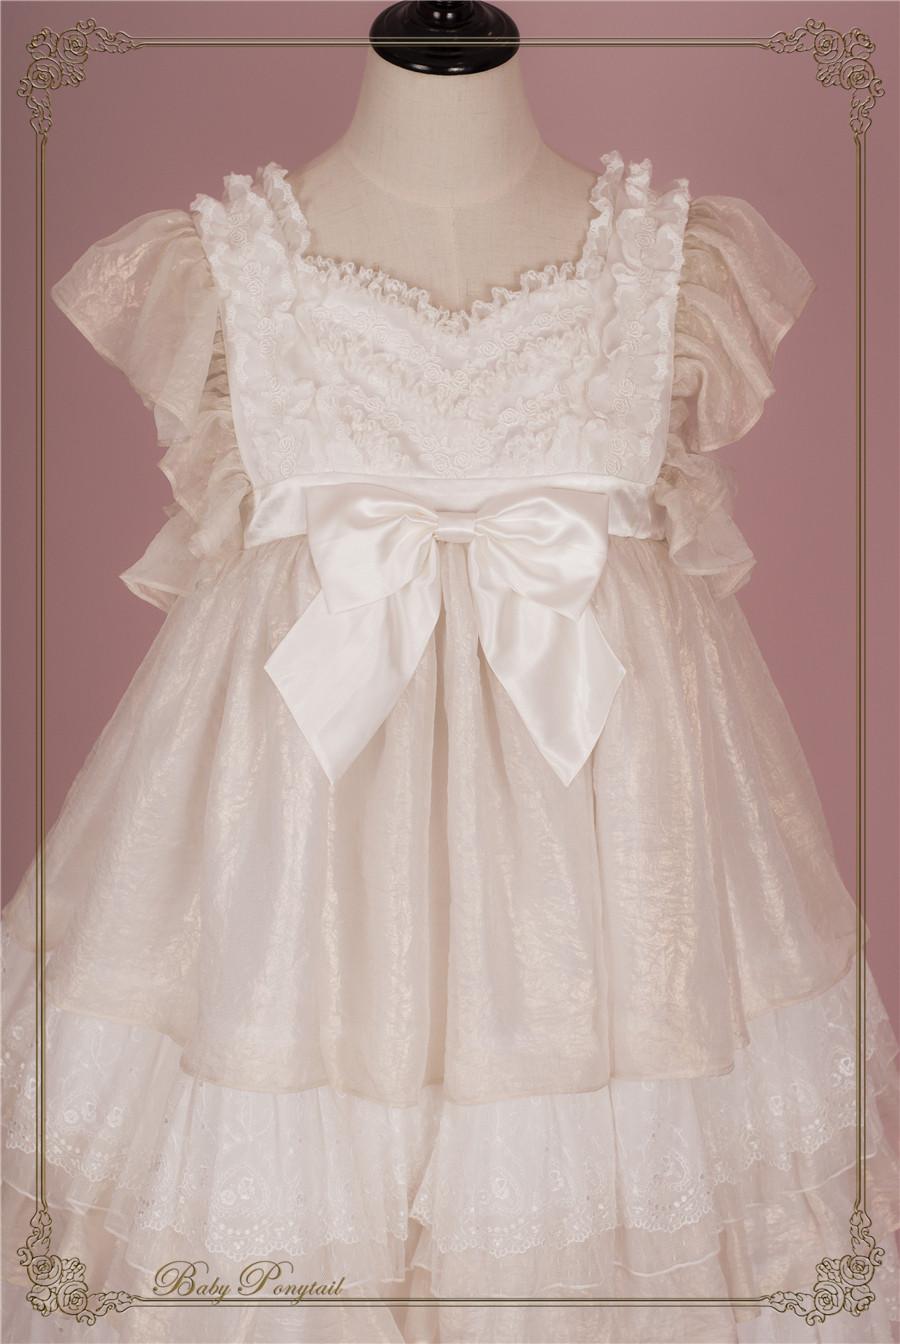 Babyponytail_Stock Photo_Present Angel_JSK White_13.jpg